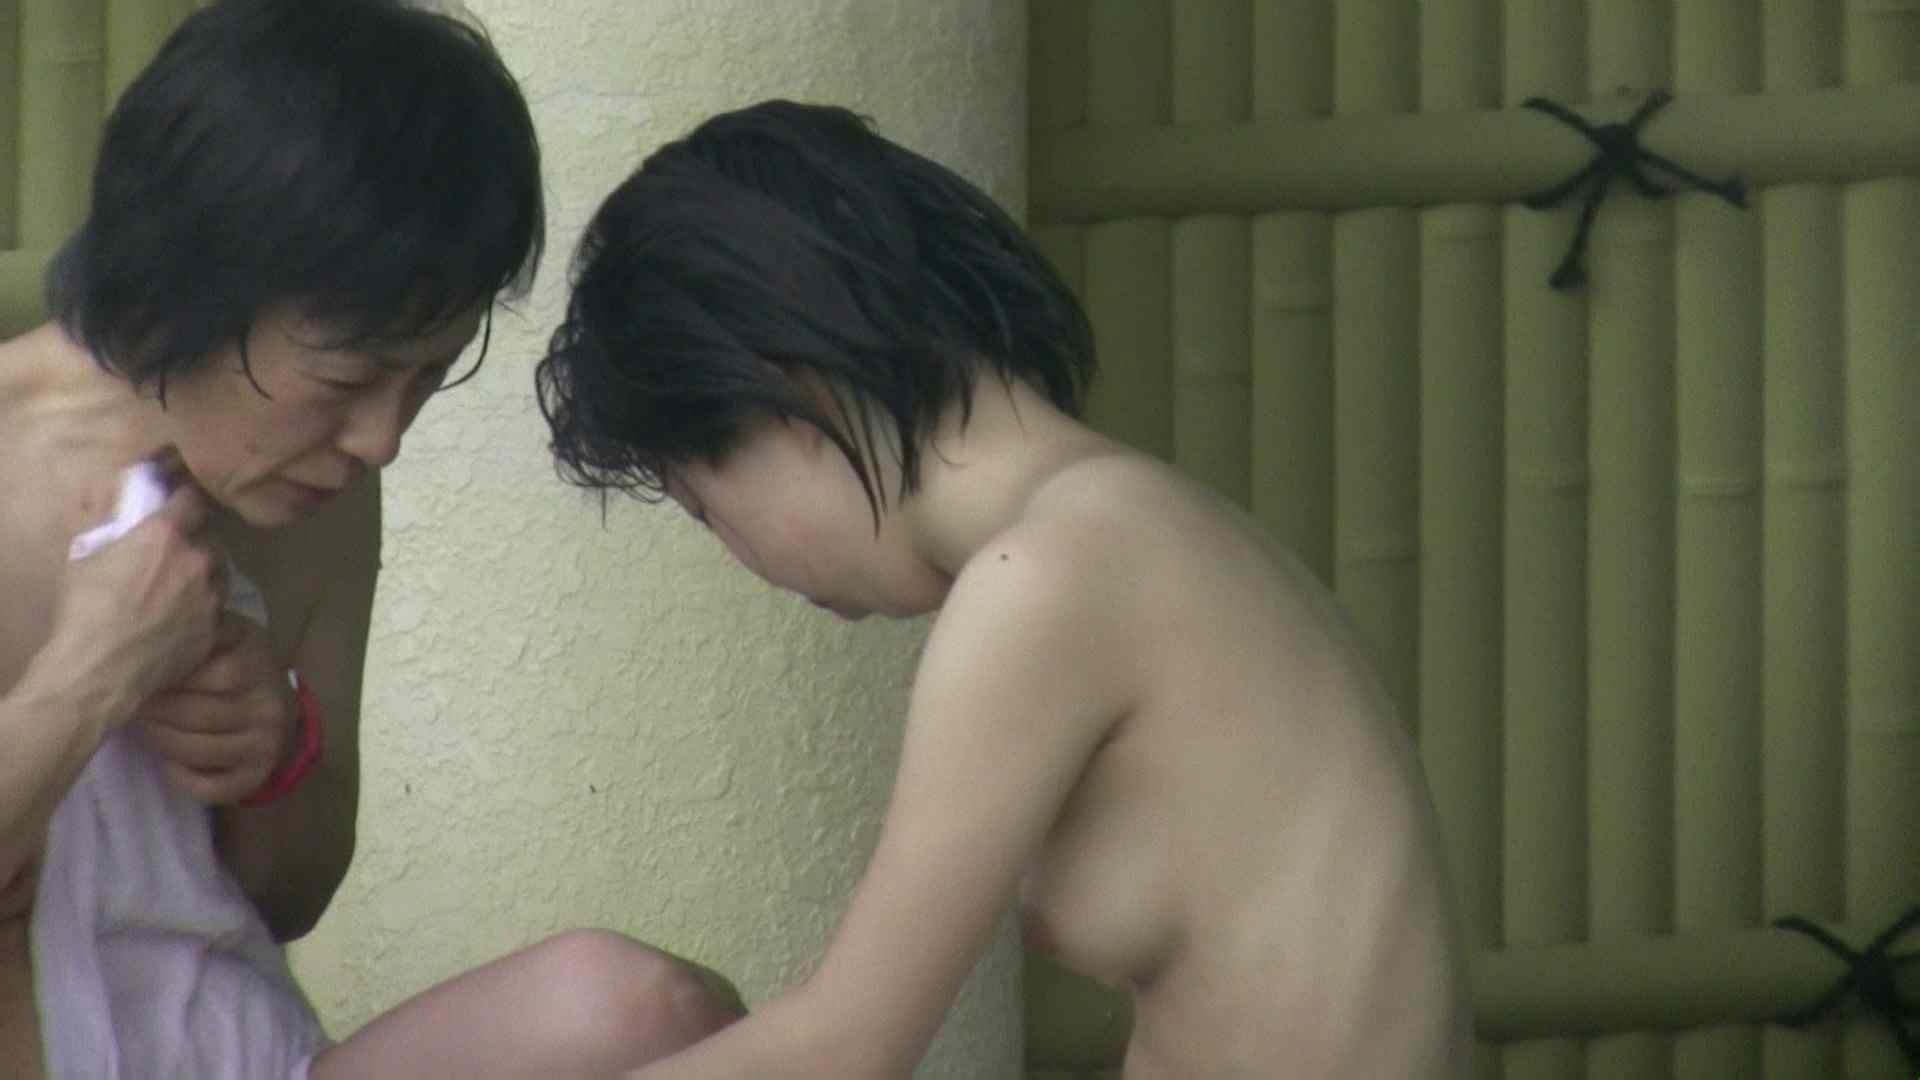 Aquaな露天風呂Vol.06【VIP】 盗撮  113PICs 24